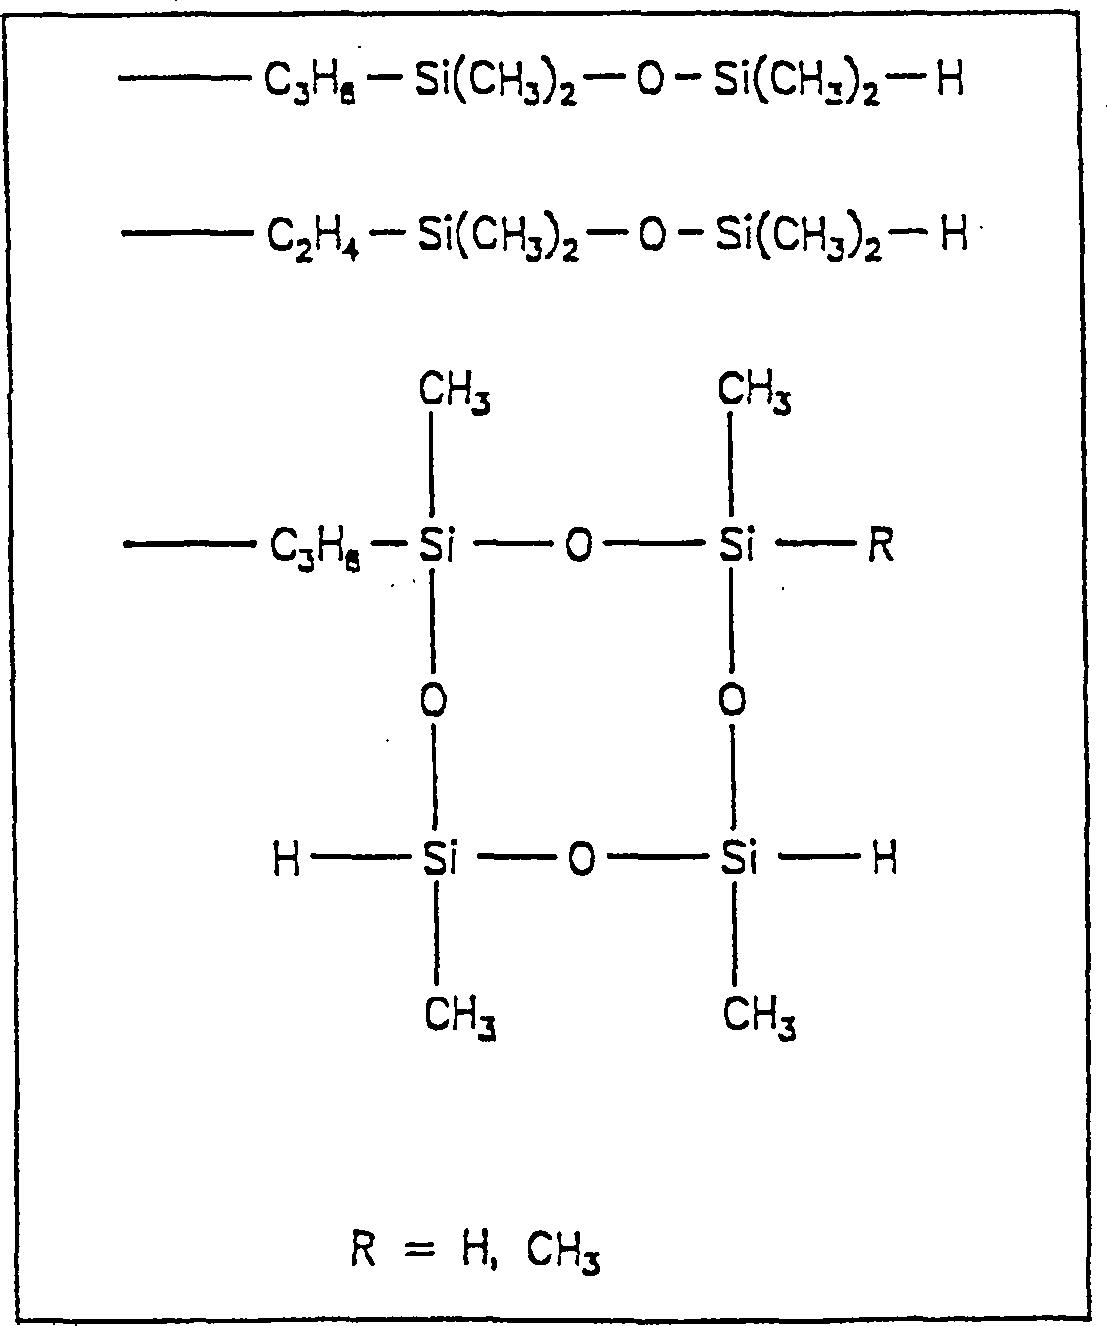 Figure DE000019719438C5_0007